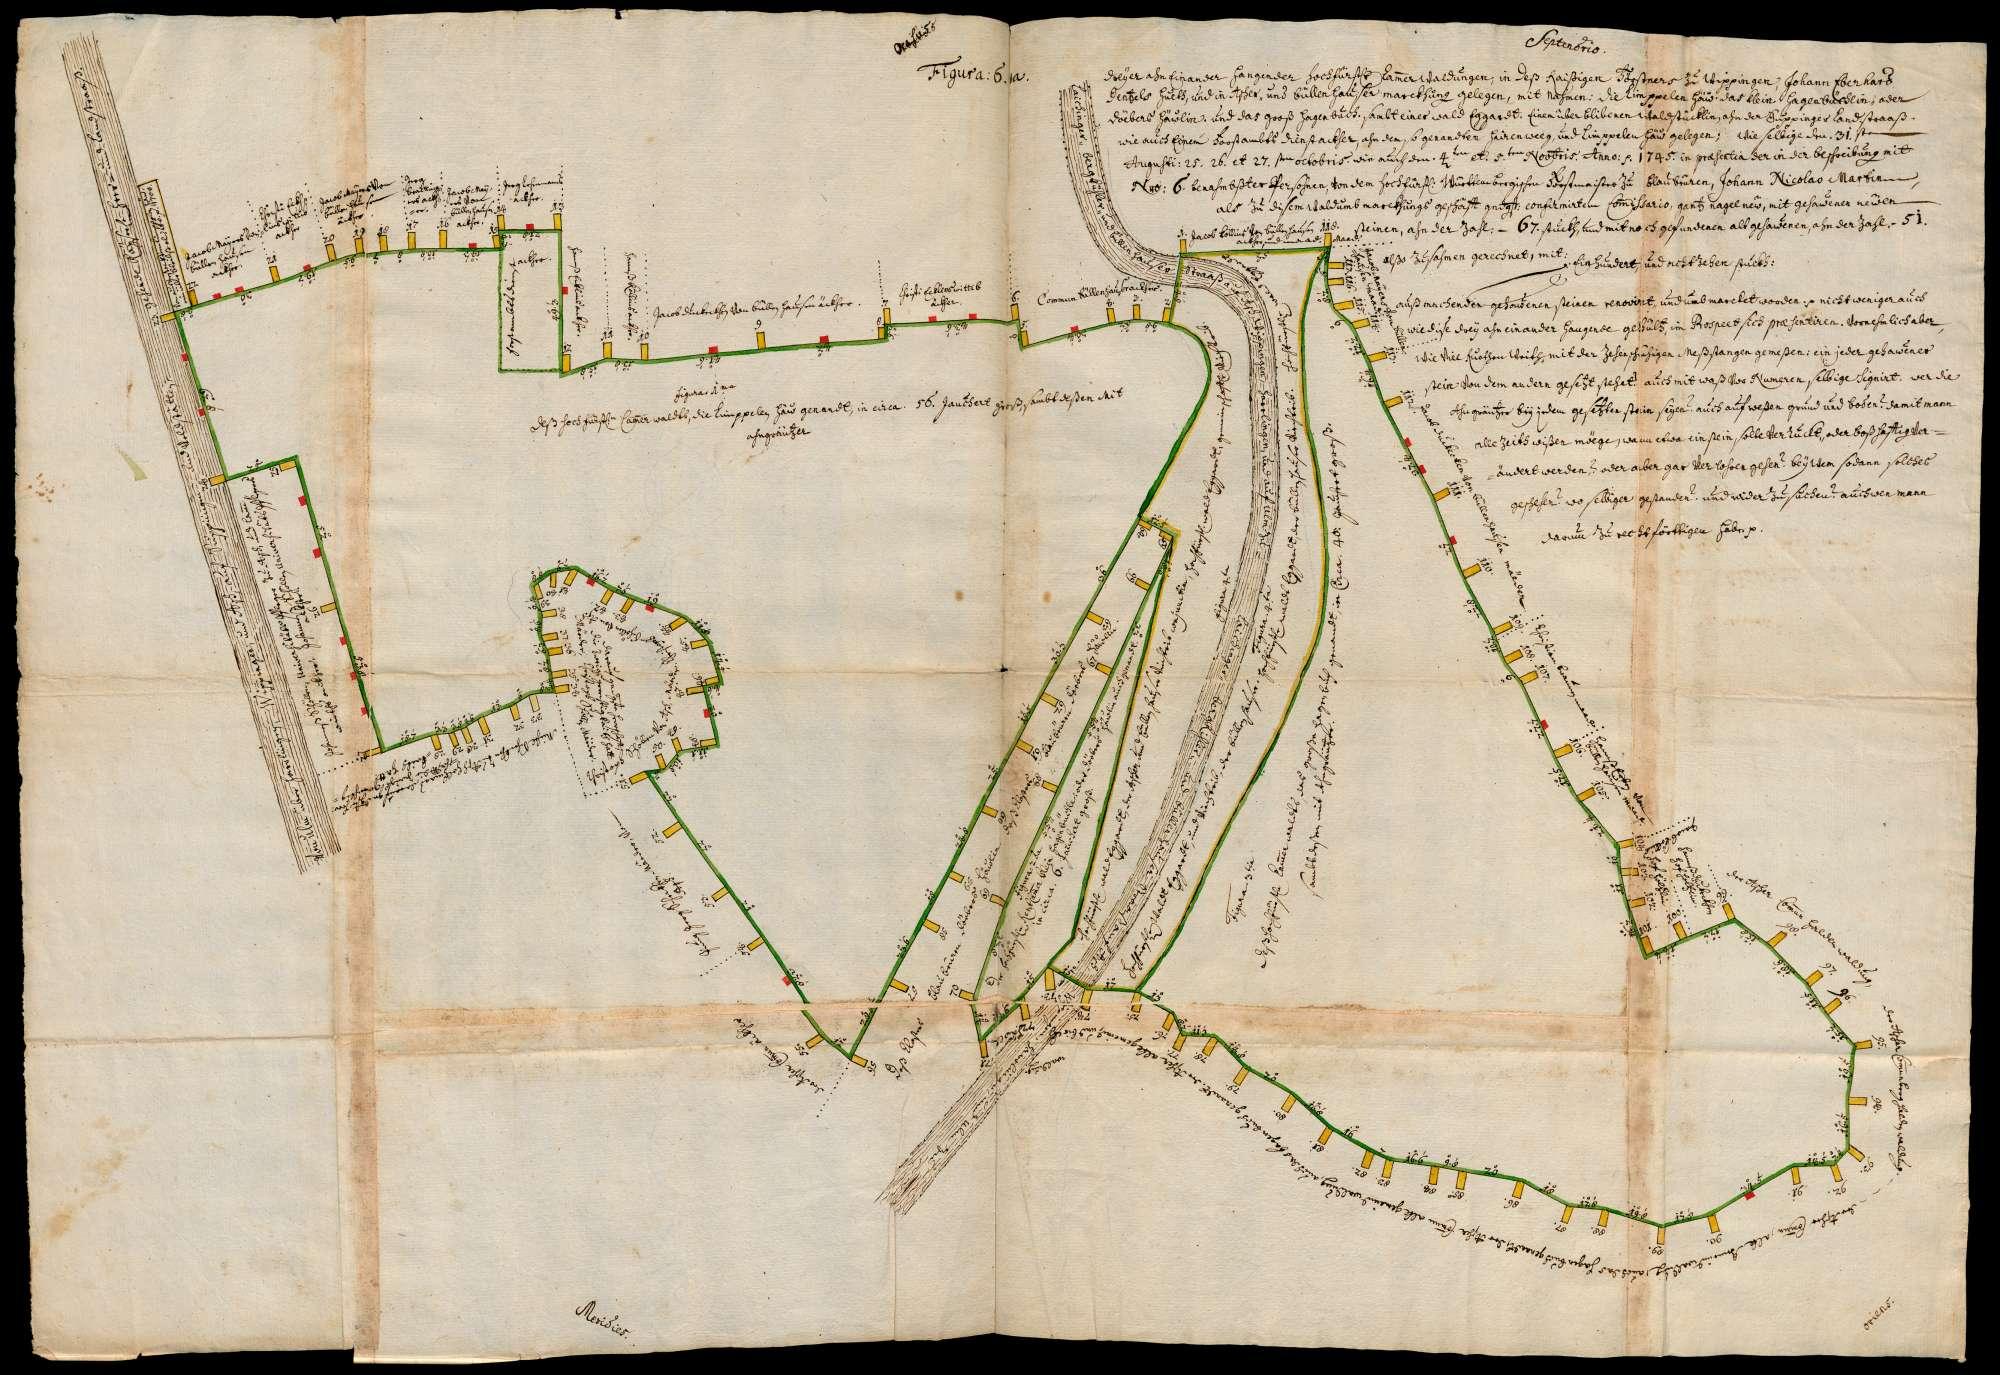 """""""Kammerwald Lempelhau, Daubershäule oder Kleinhagenbuch und Großhagenbuch"""" [Wippinger Hut, Ascher und Büllenhauser Markung], Bild 1"""